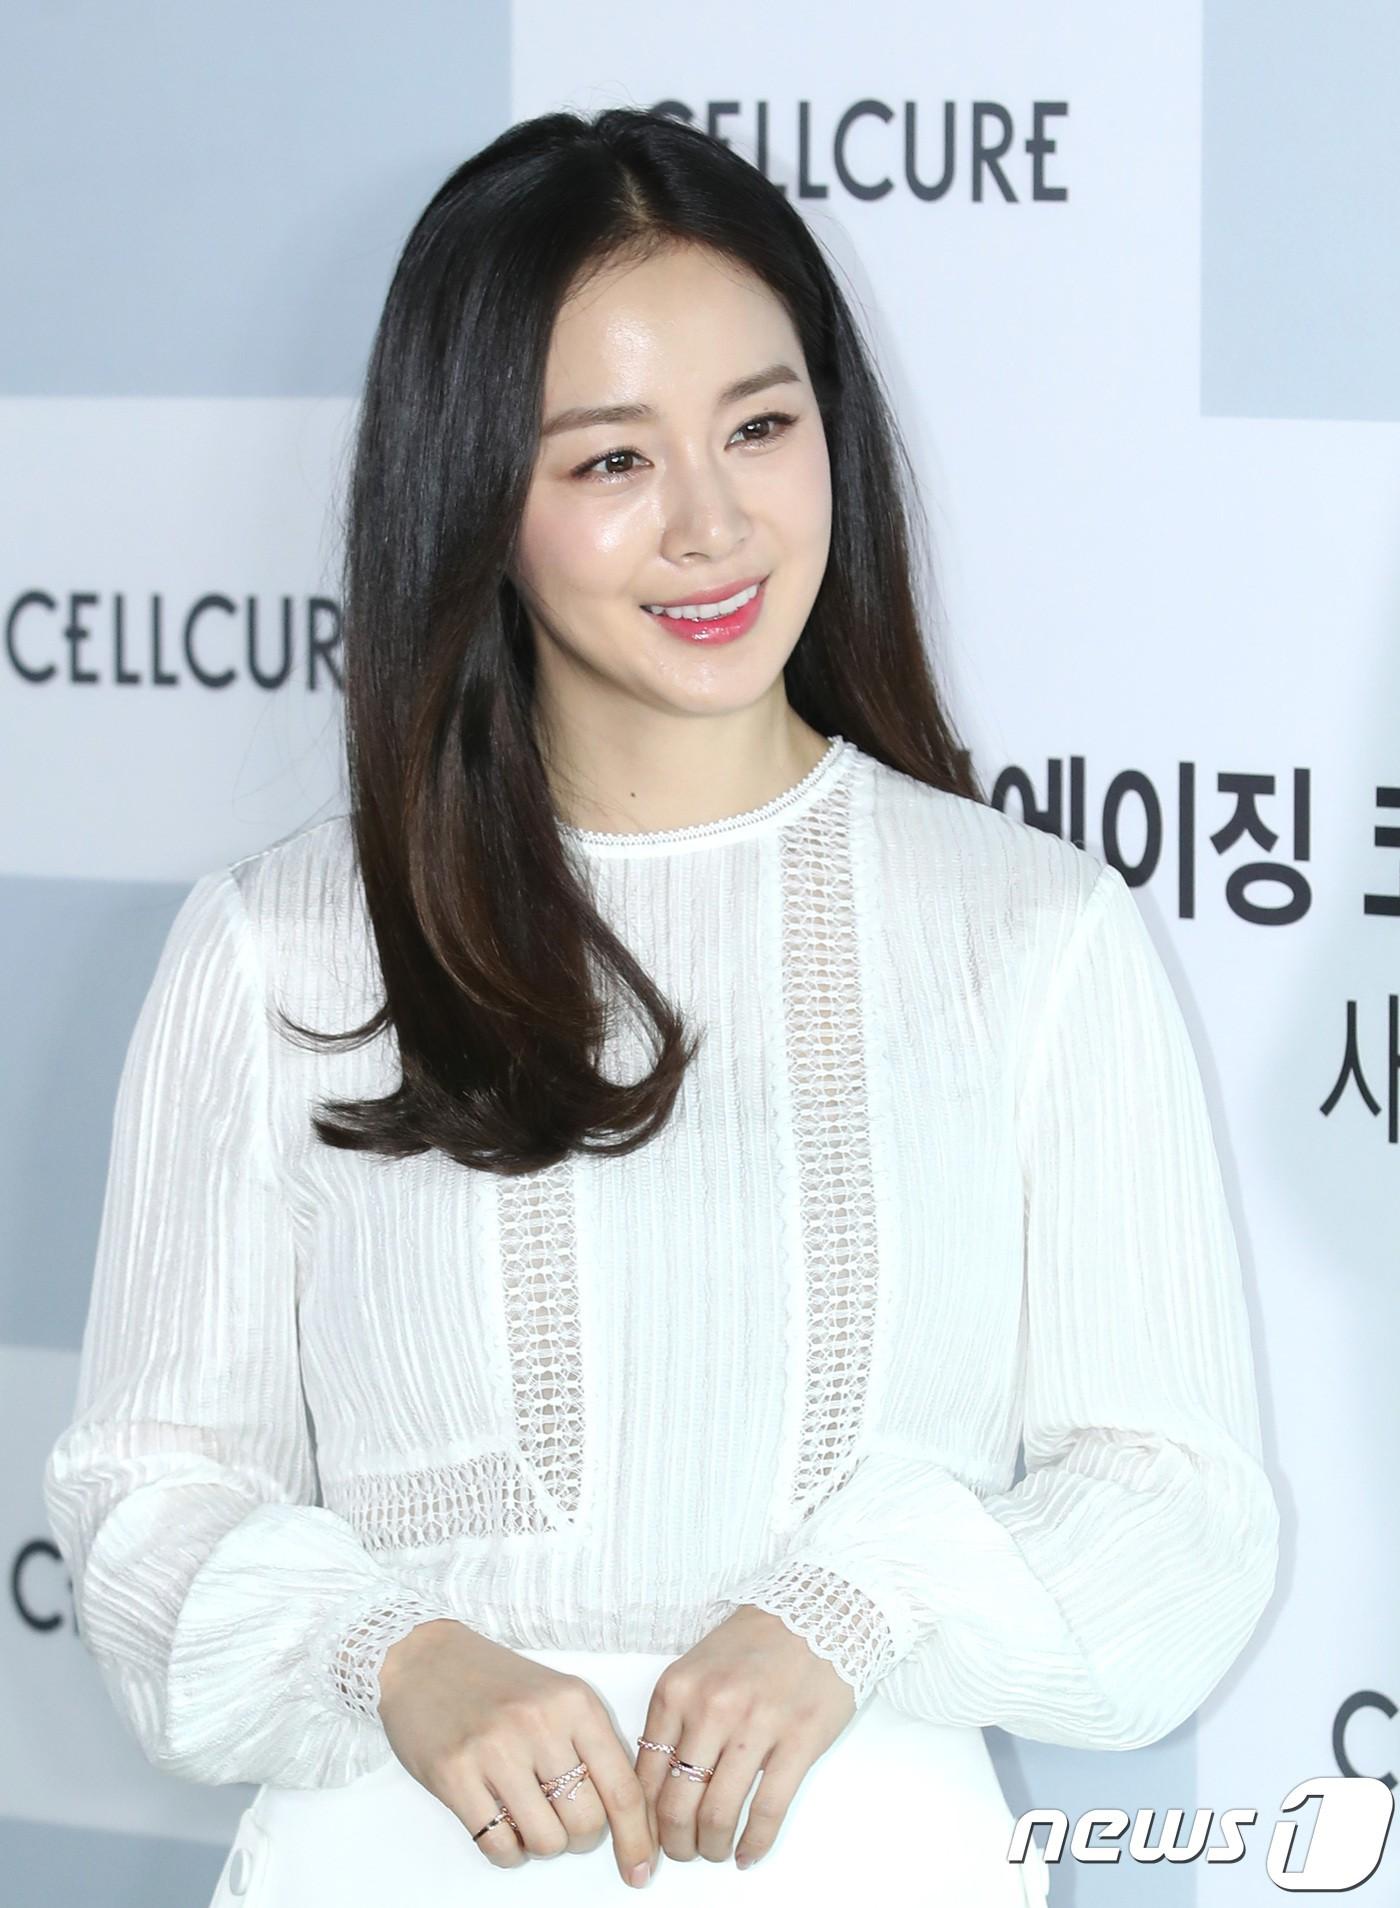 Kim Tae Hee lộ diện chính thức hậu sinh con: Đẹp khó tin, nhưng vóc dáng của cô mới là điều gây bất ngờ nhất - Ảnh 17.